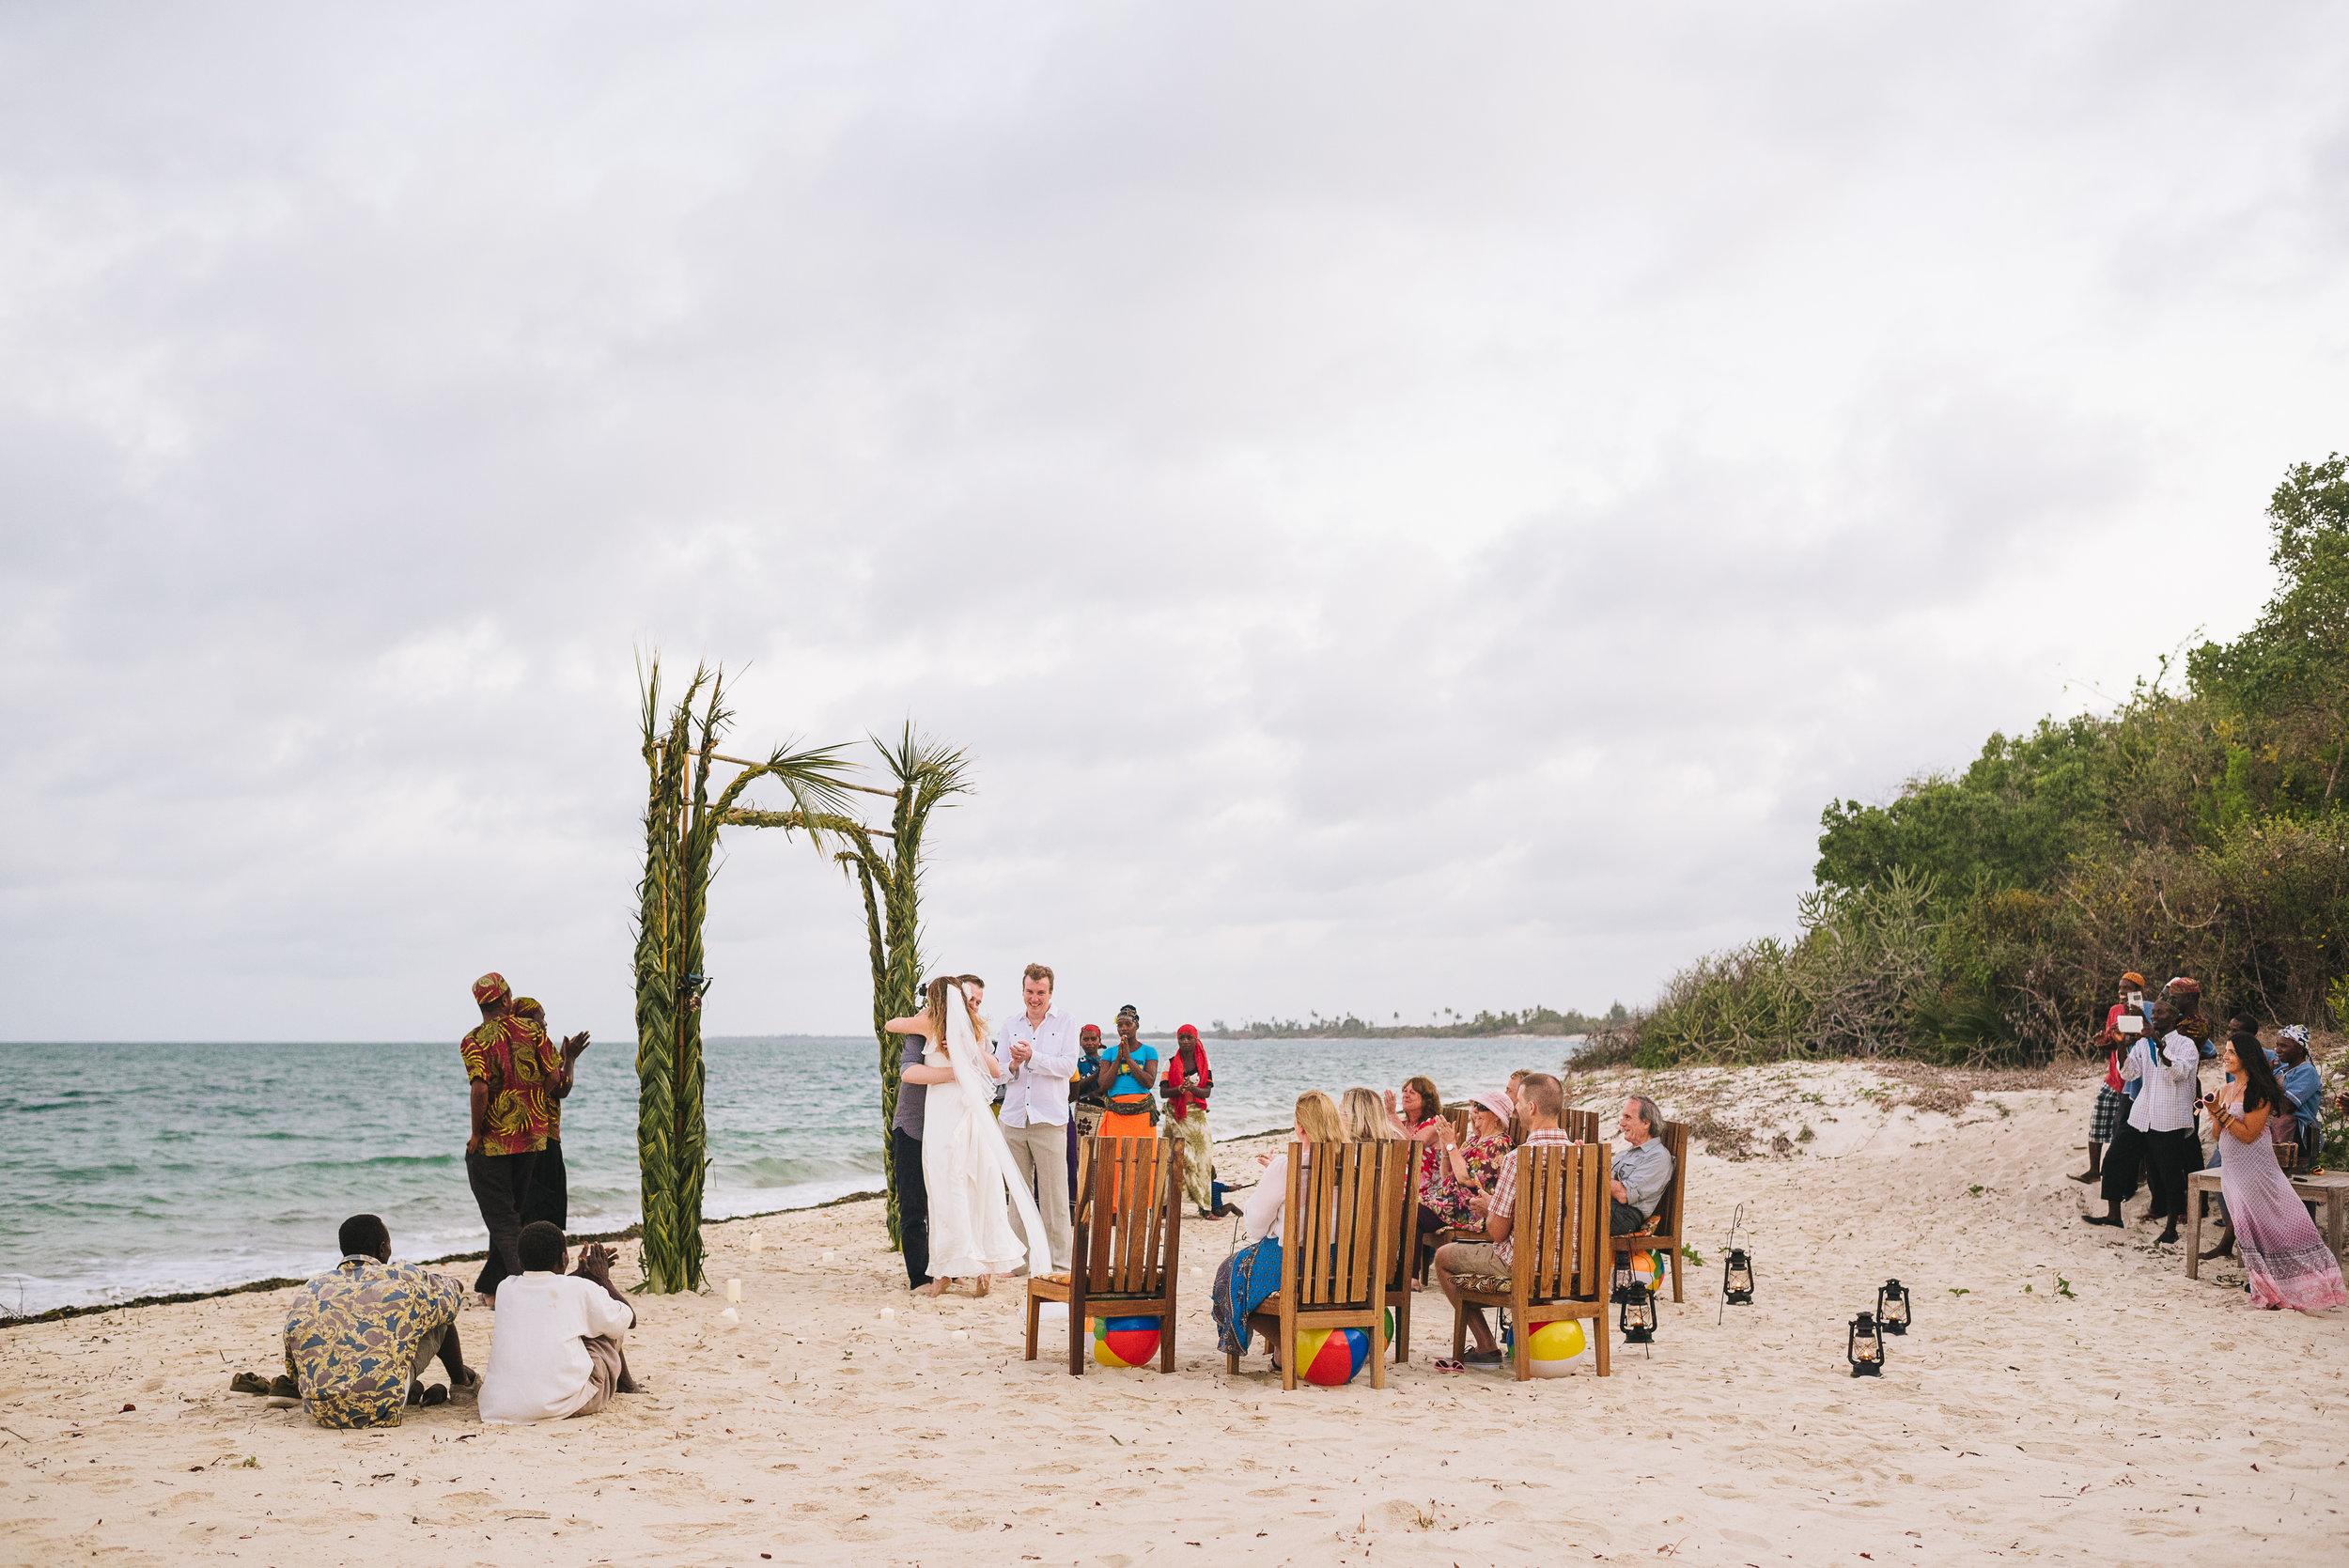 alex-miller-photography-joss-alex-mozambique-312.jpg